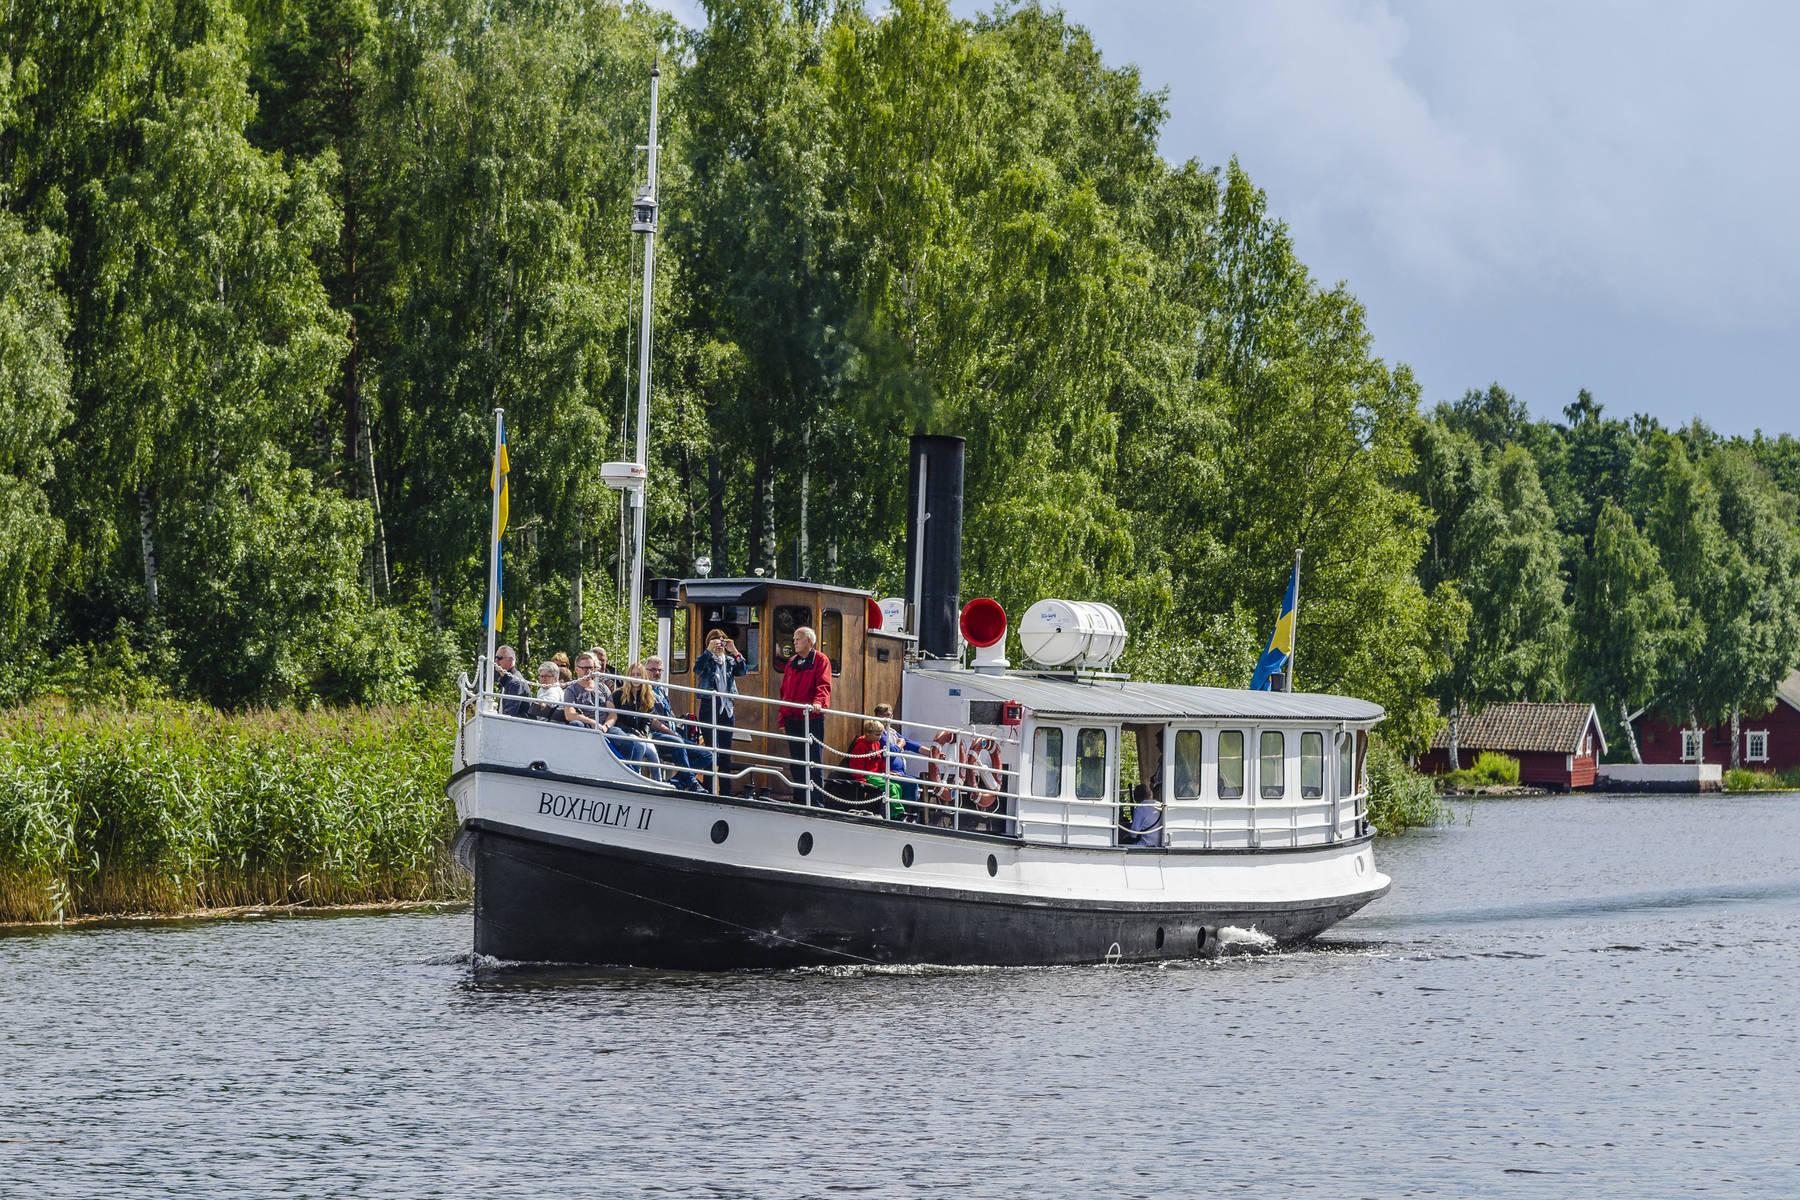 Boxholm II